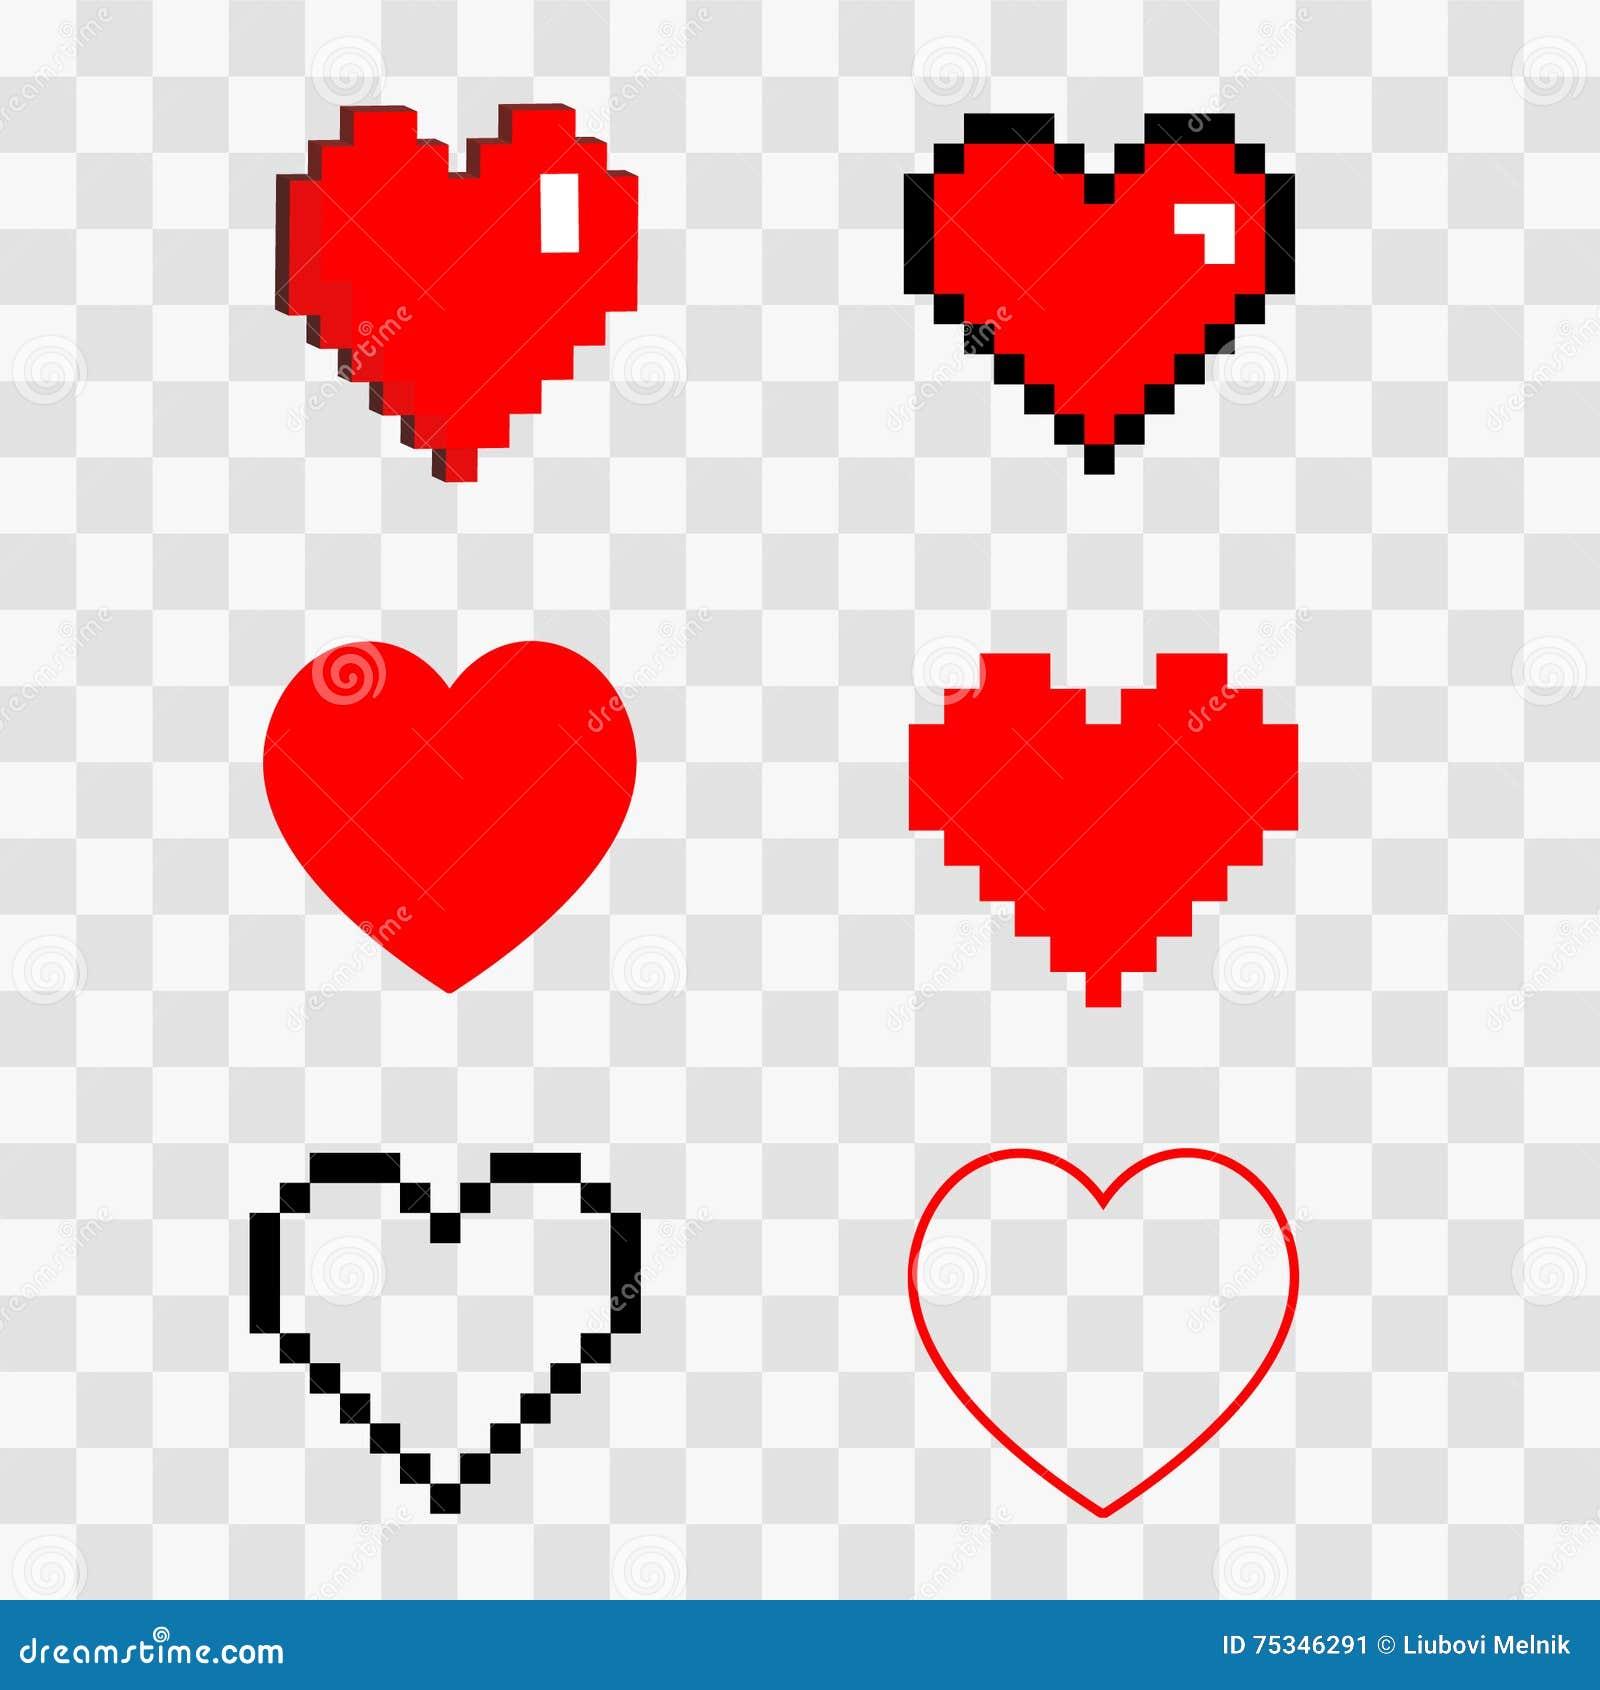 8 Bit Free Vector Art  9373 Free Downloads  Vecteezy